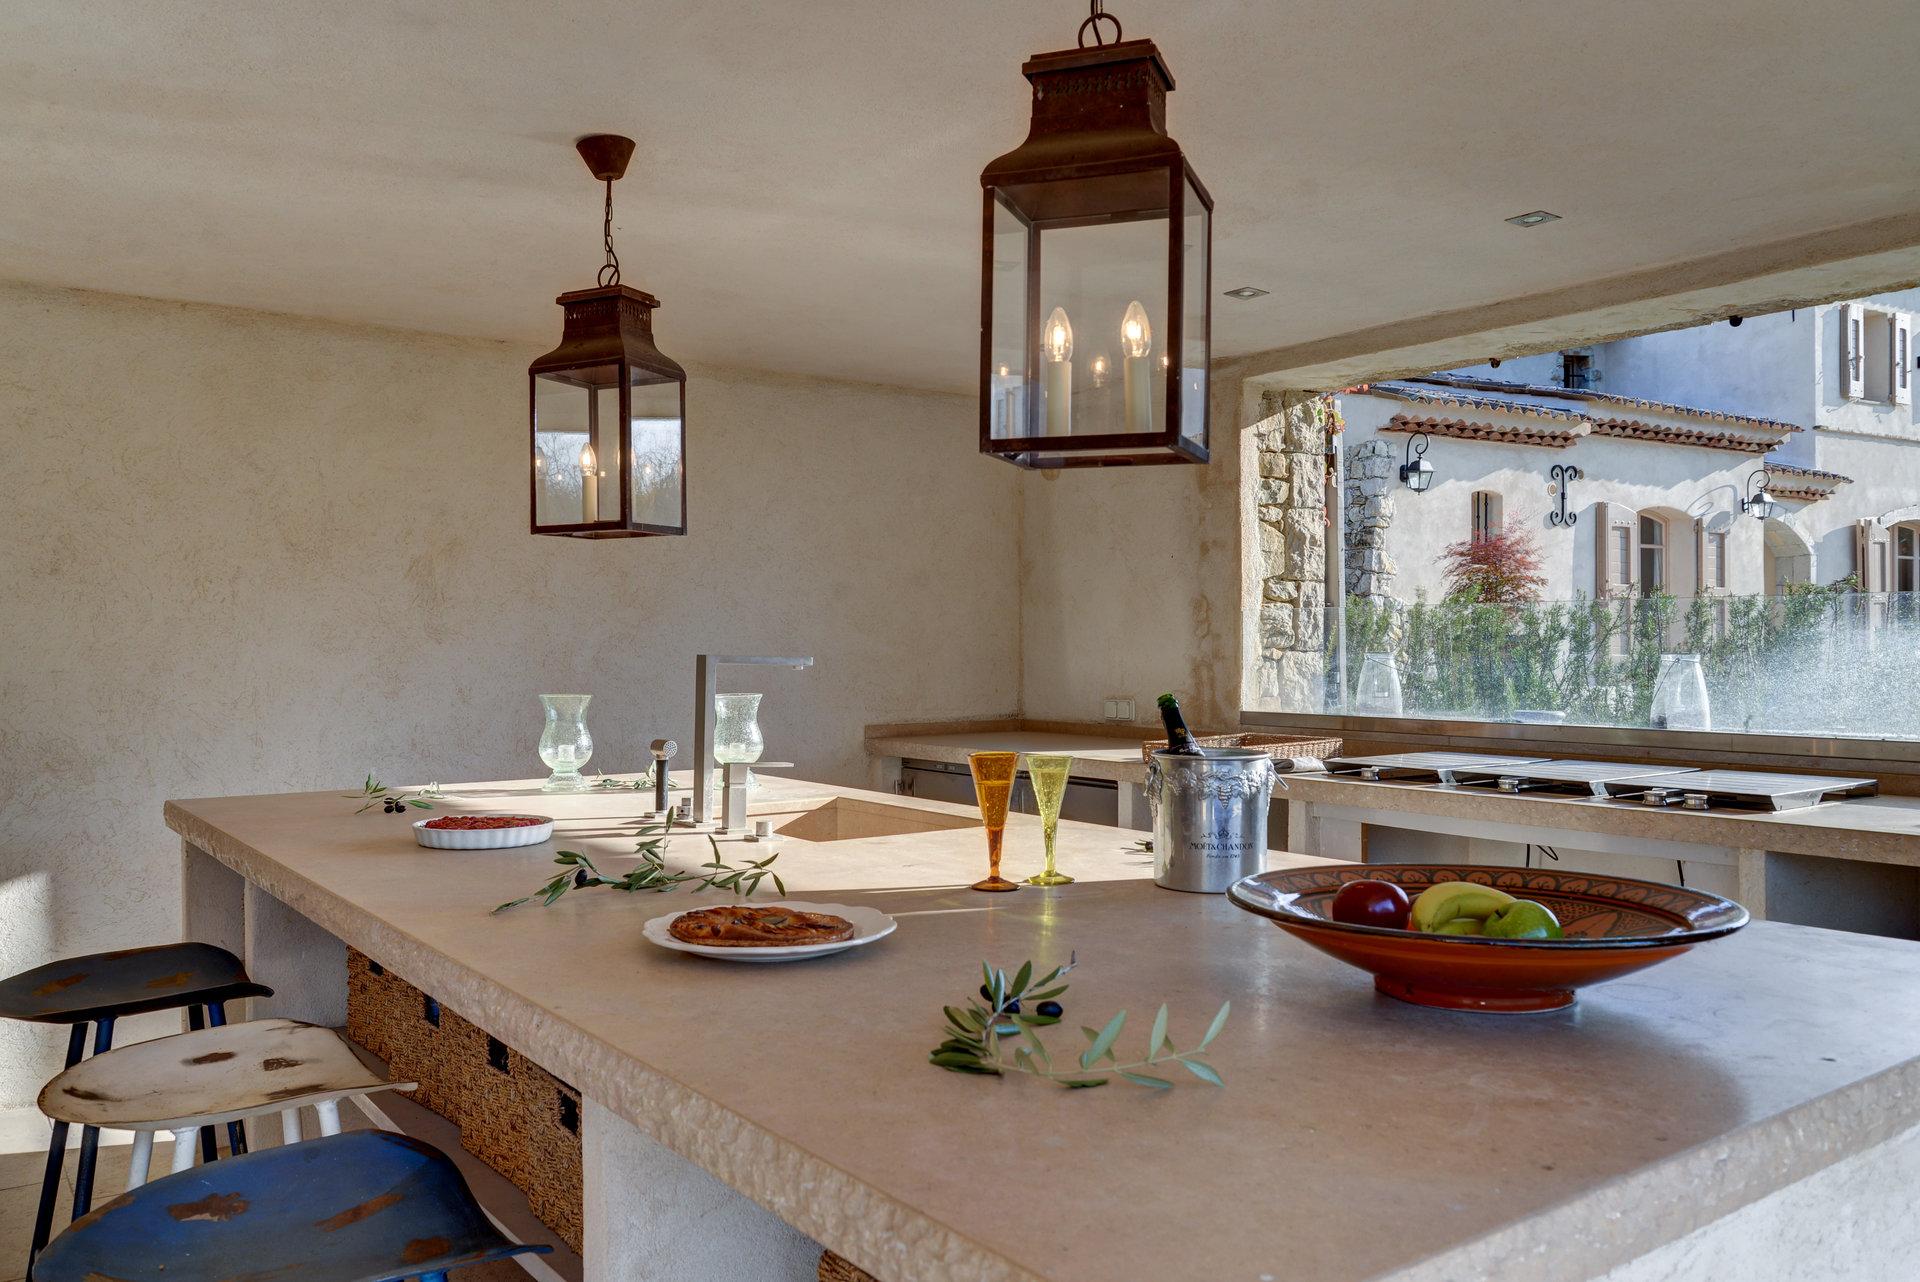 Verkauf Immobilie - Châteauneuf-Grasse - Frankreich